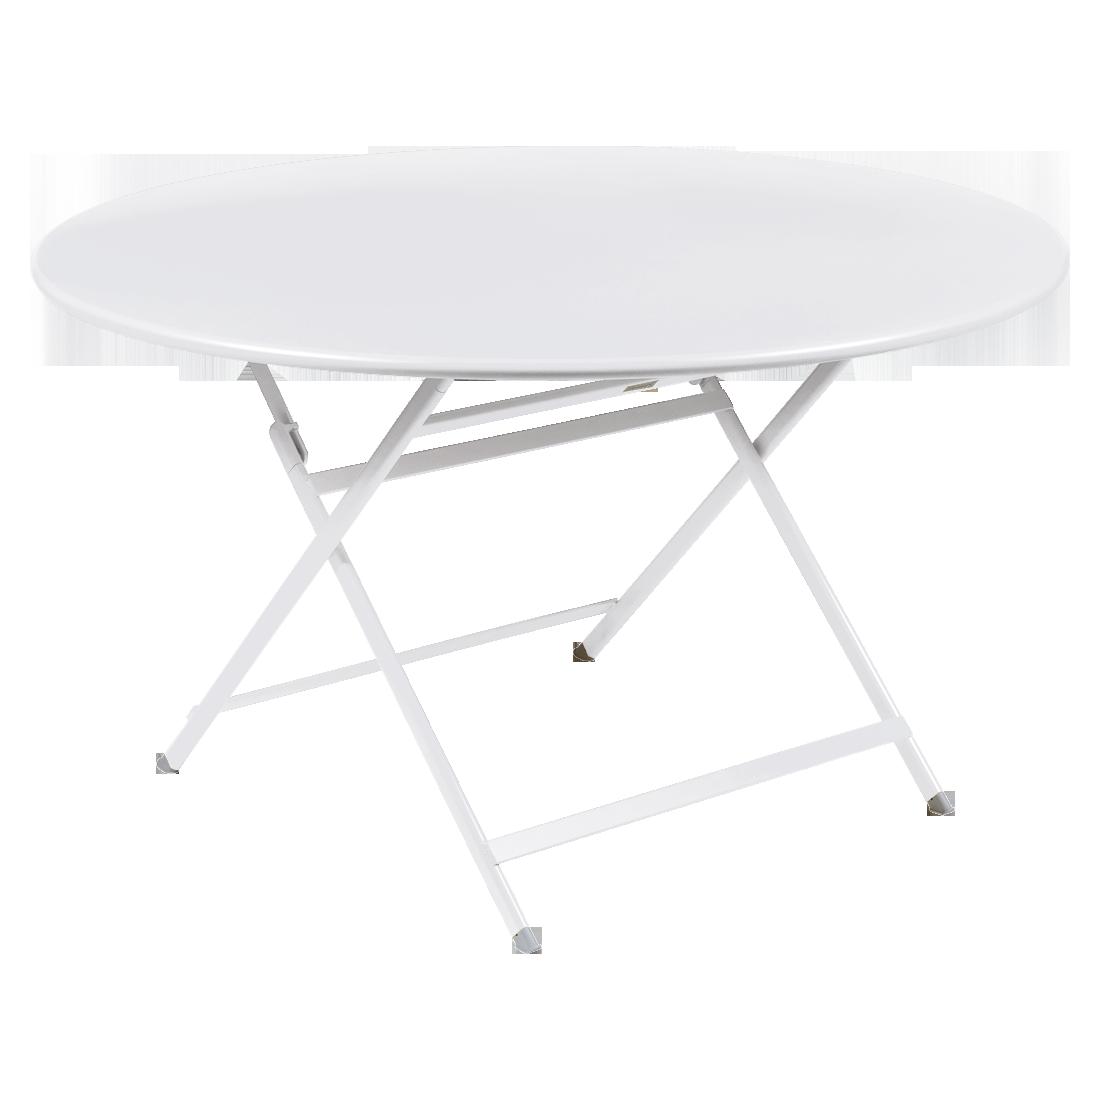 table de jardin pliante, table metal ronde, table metal 7 personnes, table de jardin blanche, table metal blanche